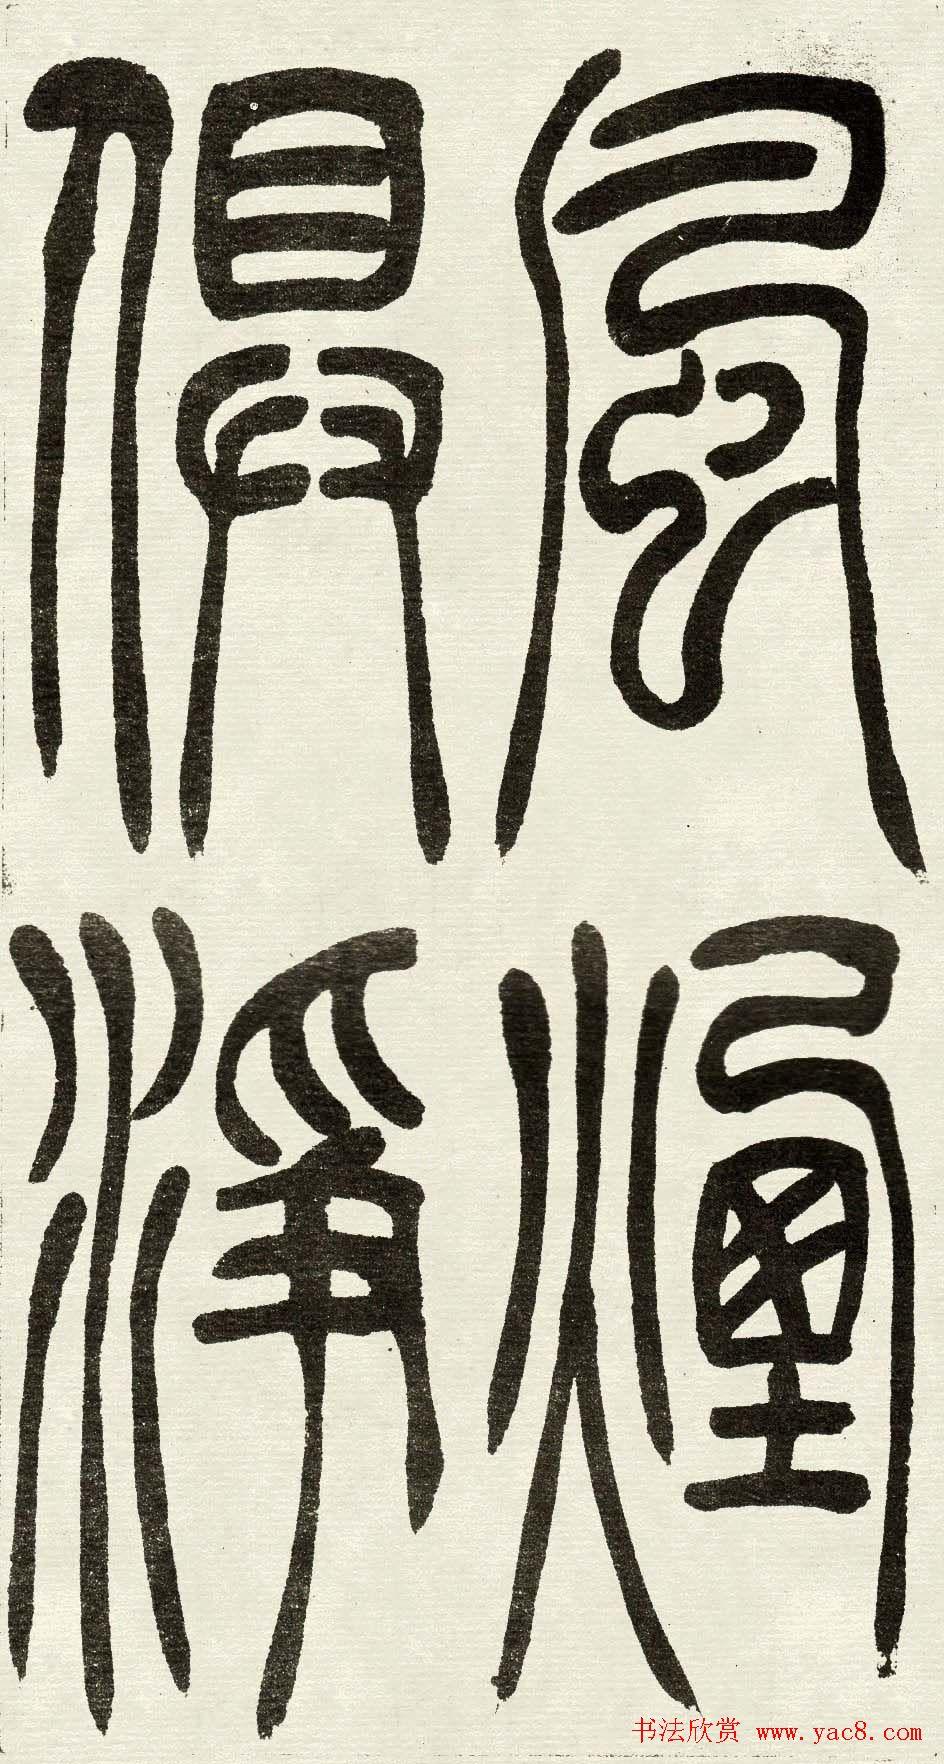 吴熙载篆书欣赏吴均与朱元思书四条屏篆书字帖书法欣赏